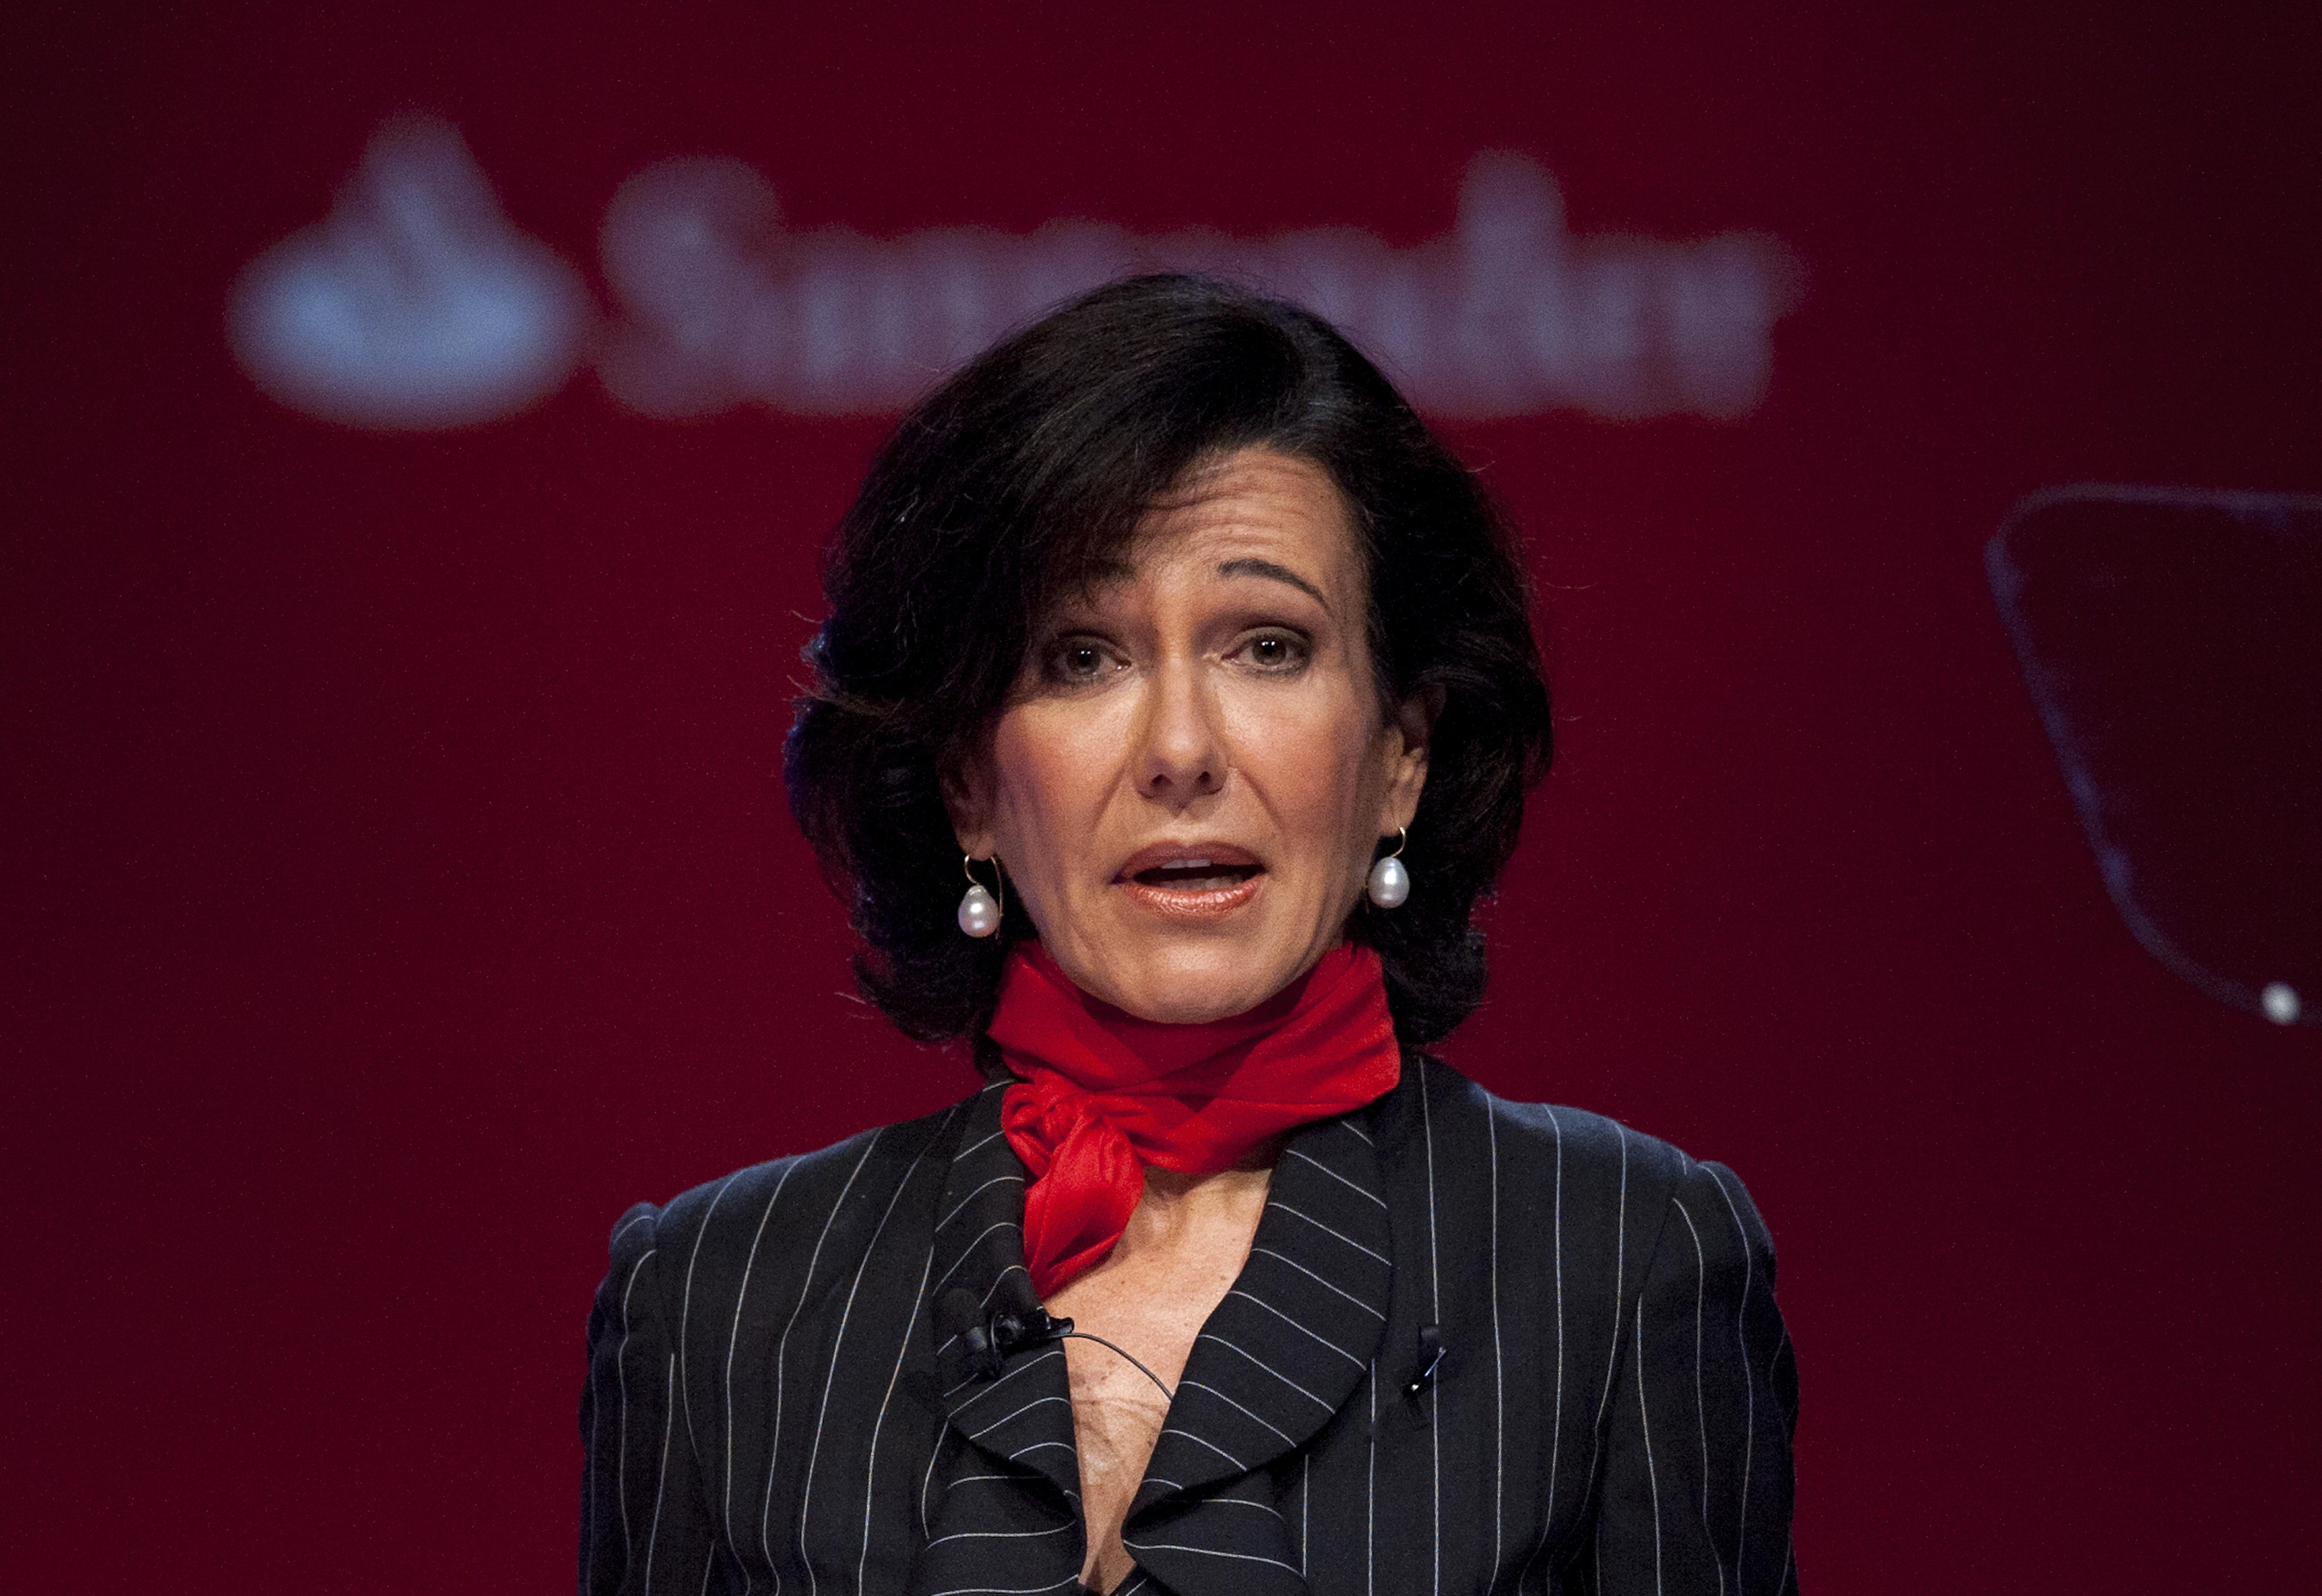 Ana Patricia Botín, presidenta de Banco Santander